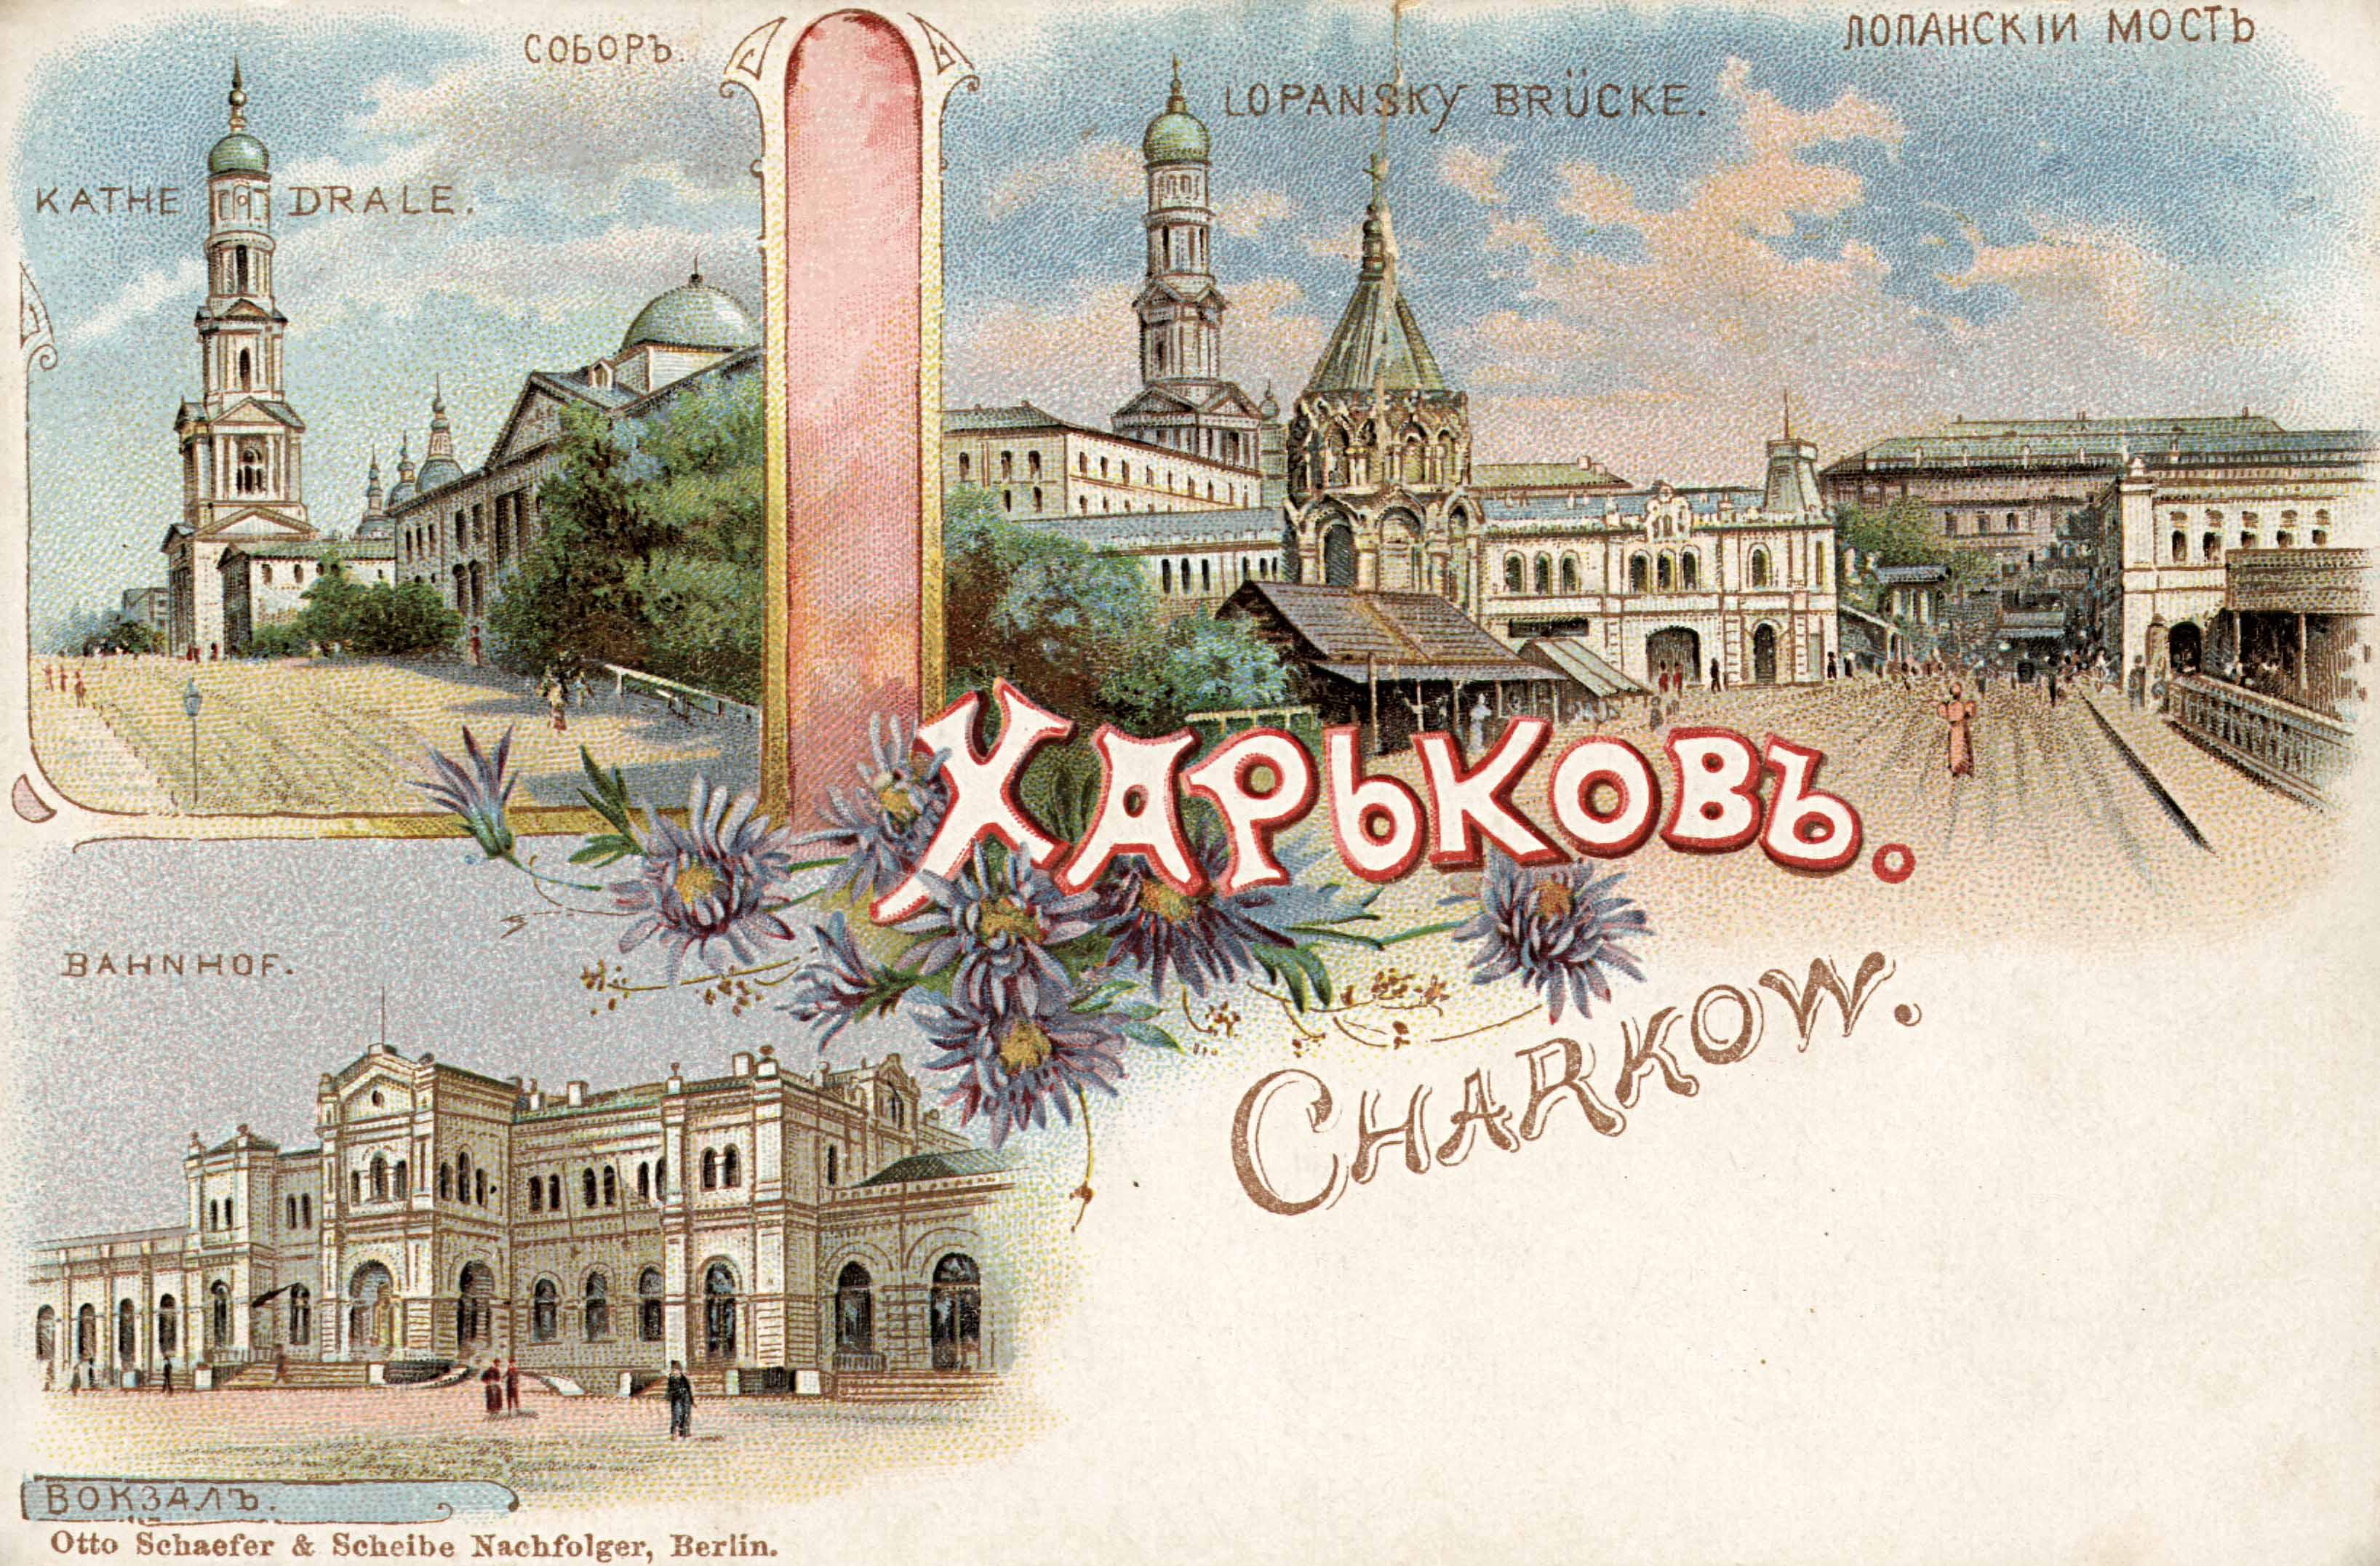 Картинки смайлики, открытки старинные виды городов